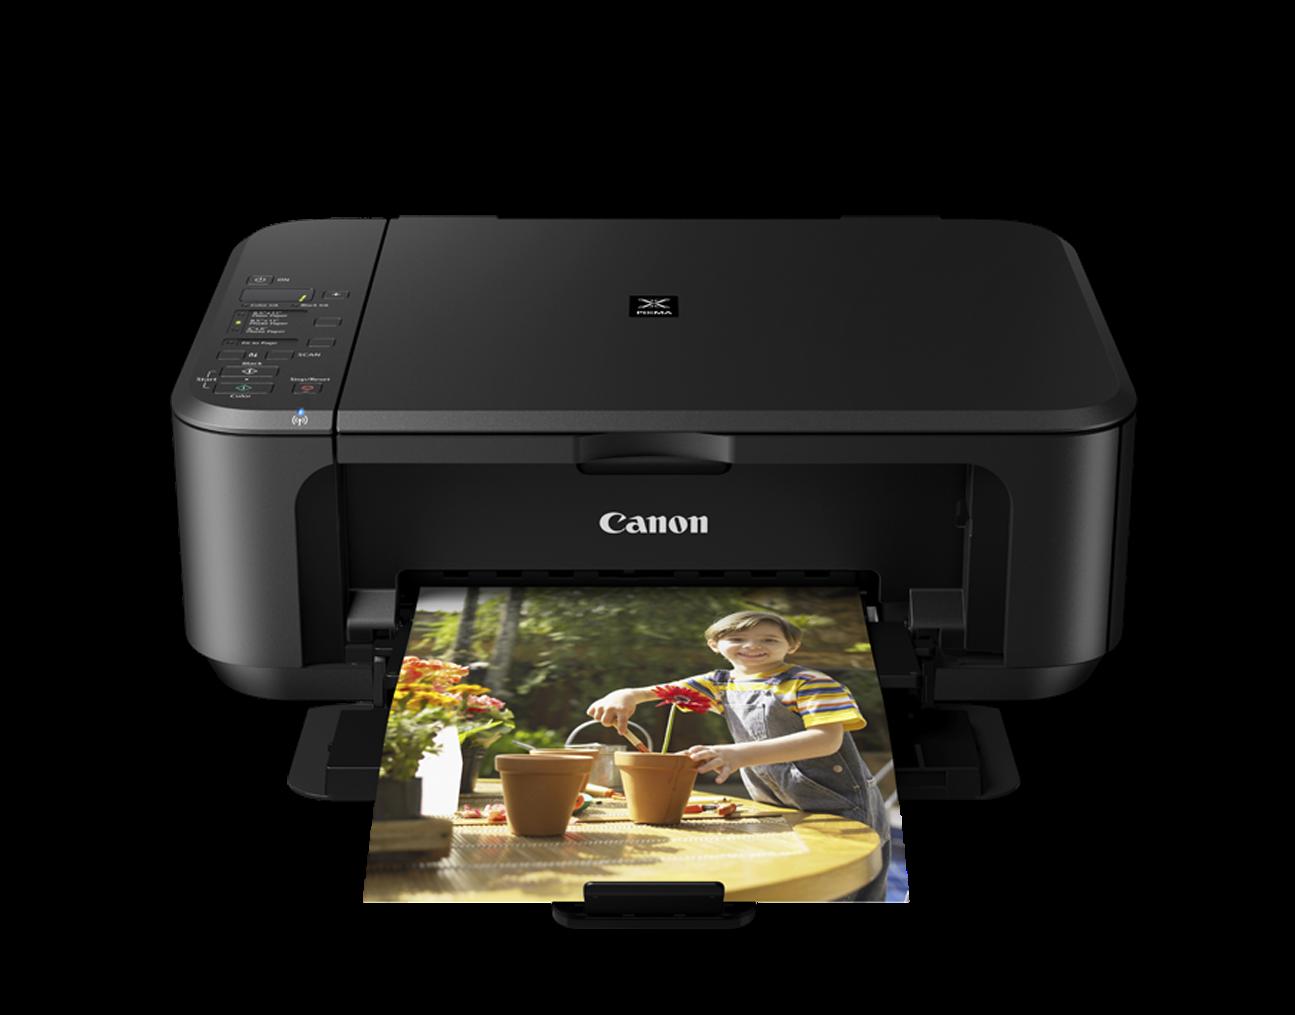 Como Resetear La Impresora Canon Pixma Mg3210 Es Rellenado